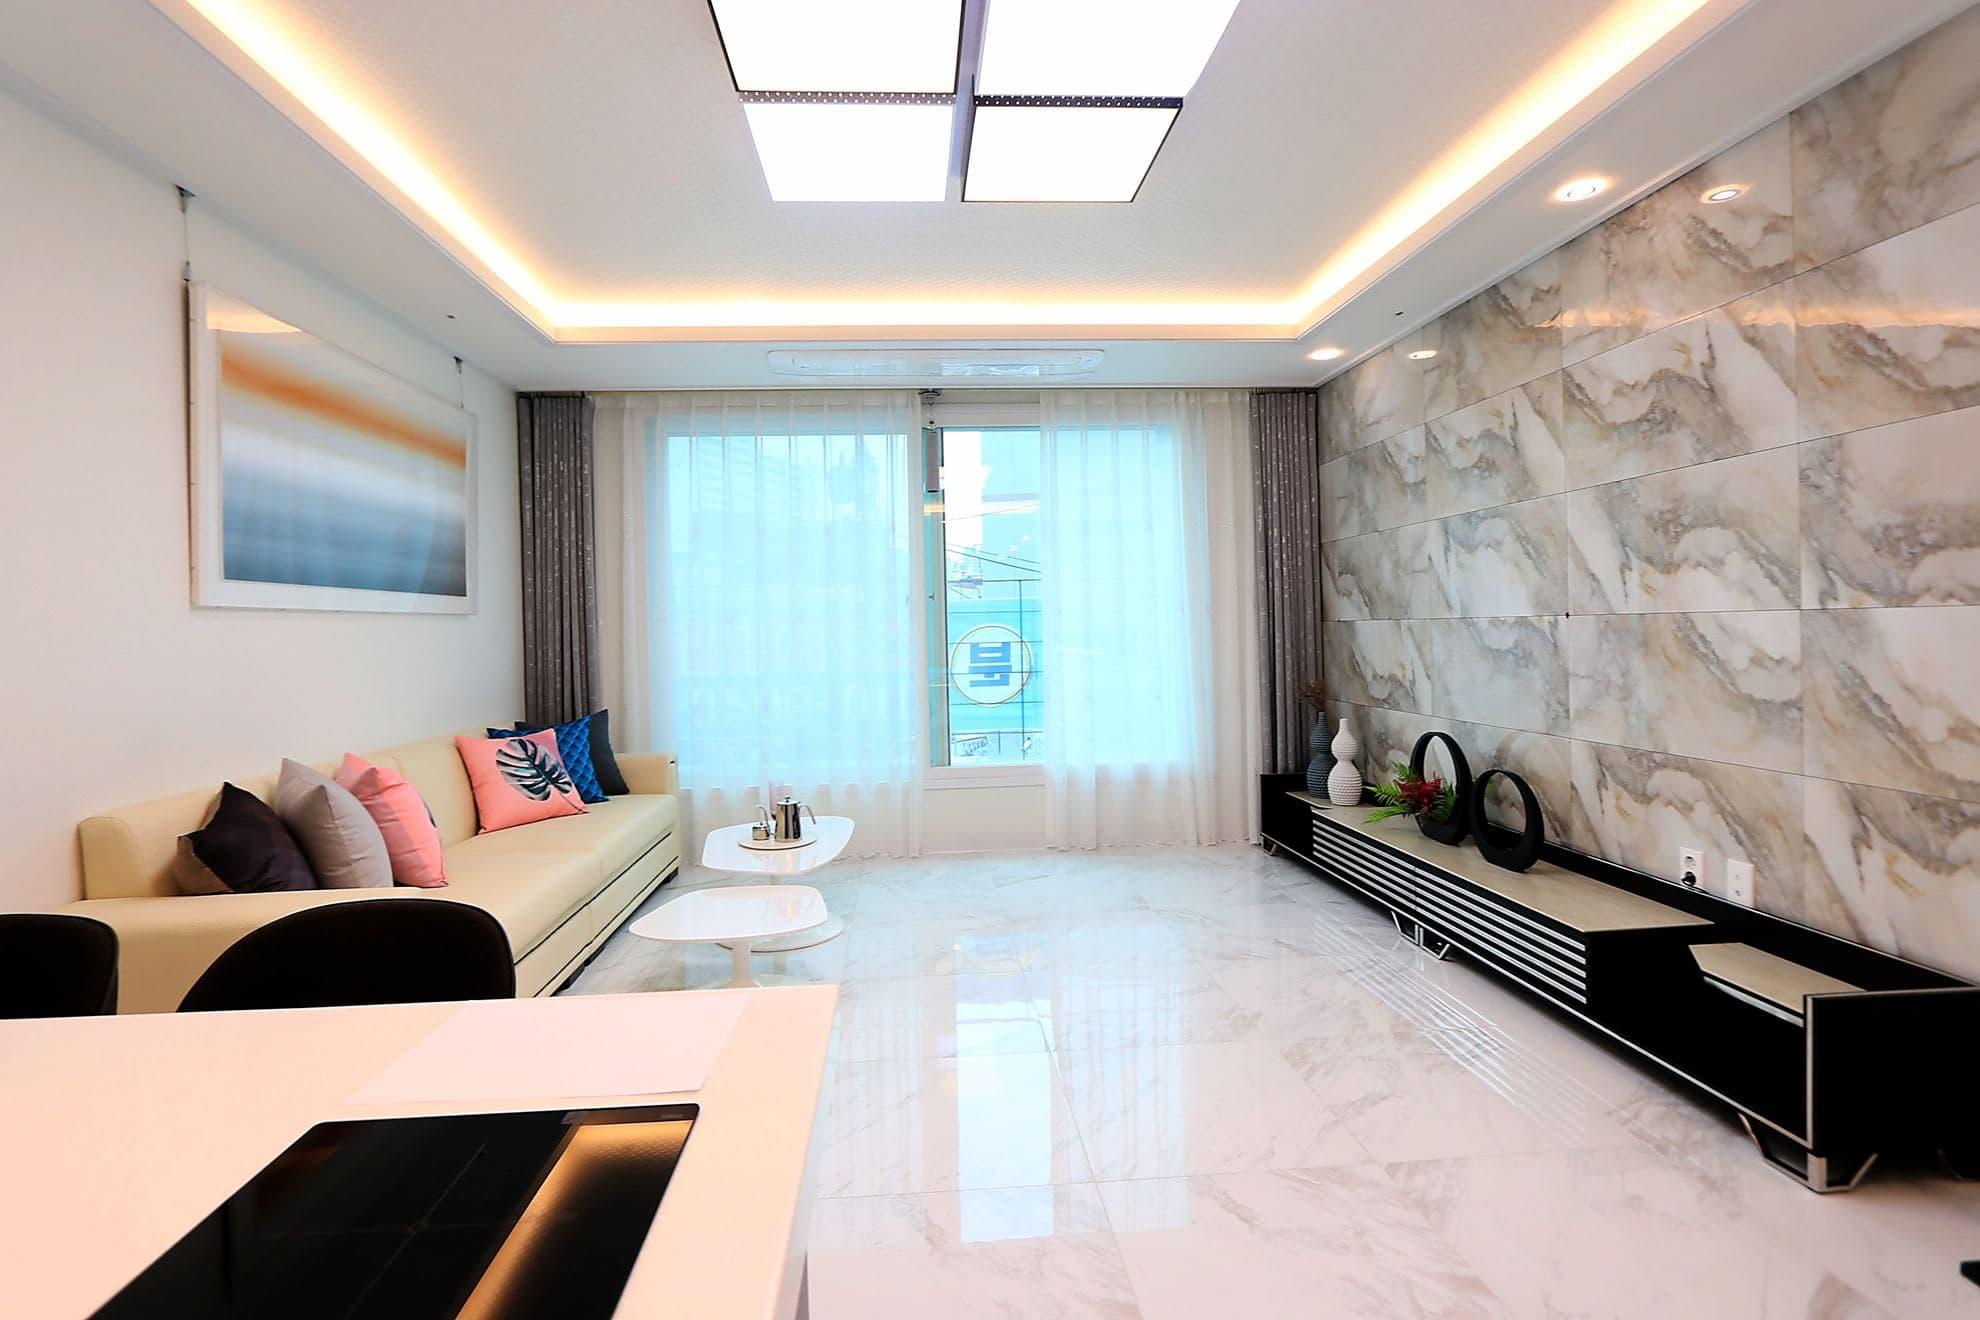 작전동신축빌라 폴리싱바닥시공이 돋보이는 34평형 3룸